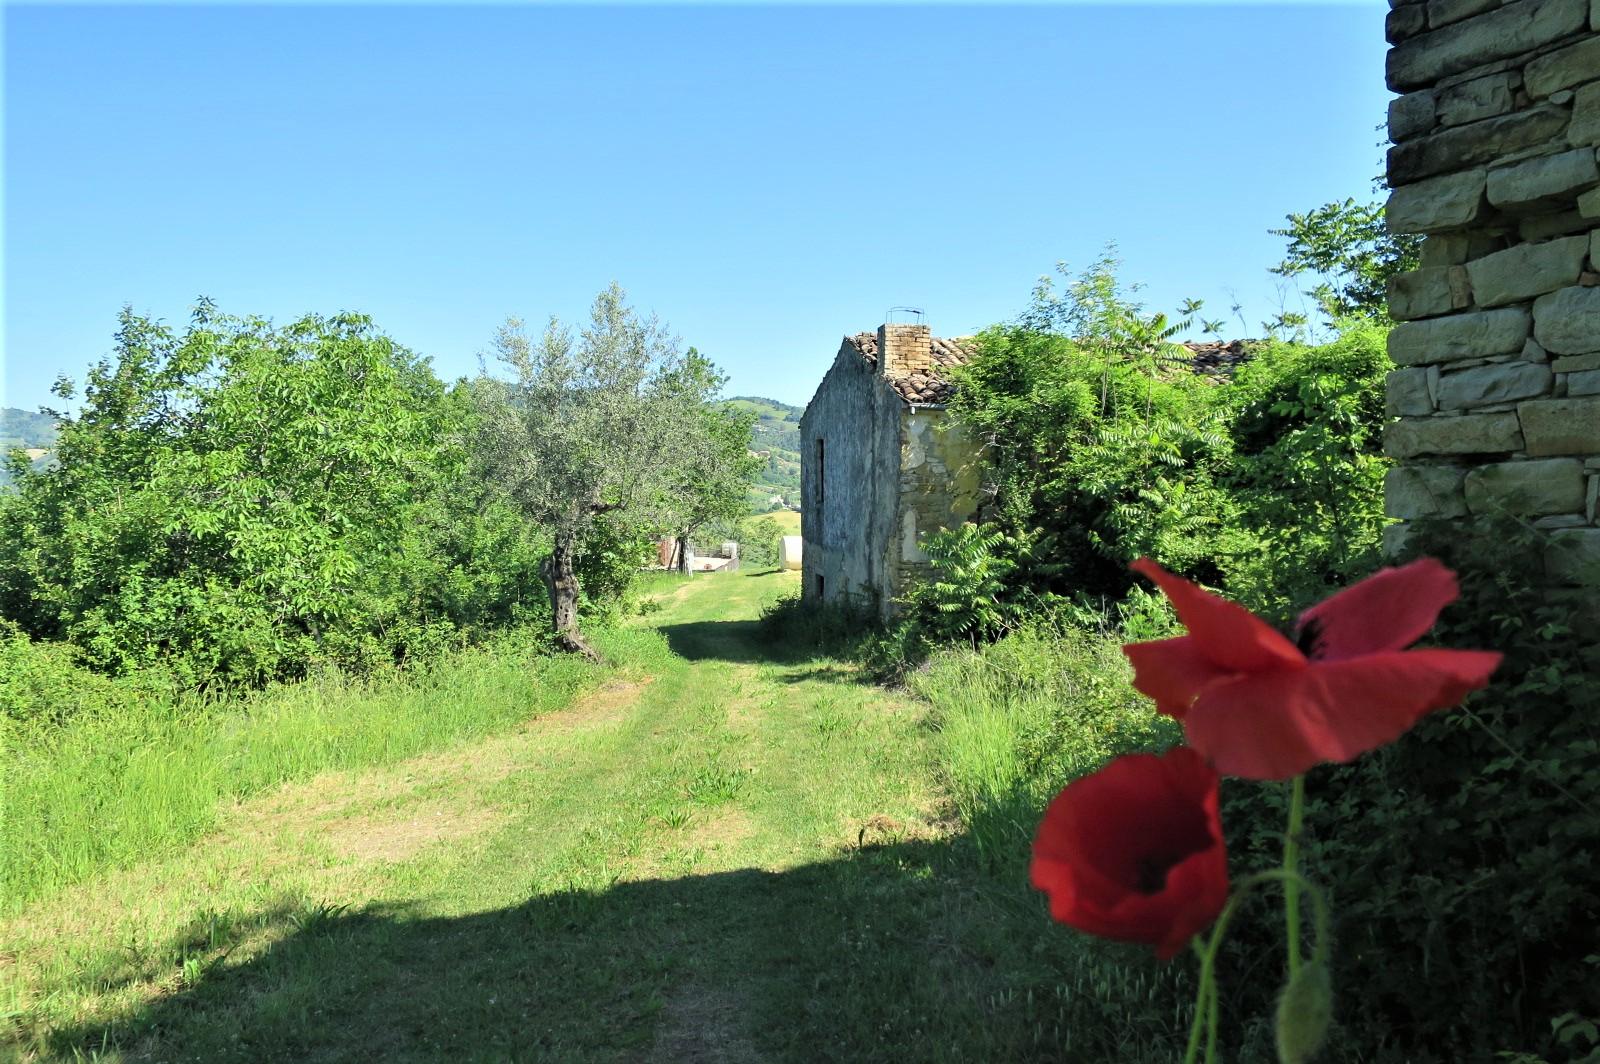 Country Houses Country Houses for sale Castiglione Messer Raimondo (TE), Casa Paradiso - Castiglione Messer Raimondo - EUR 181.096 470